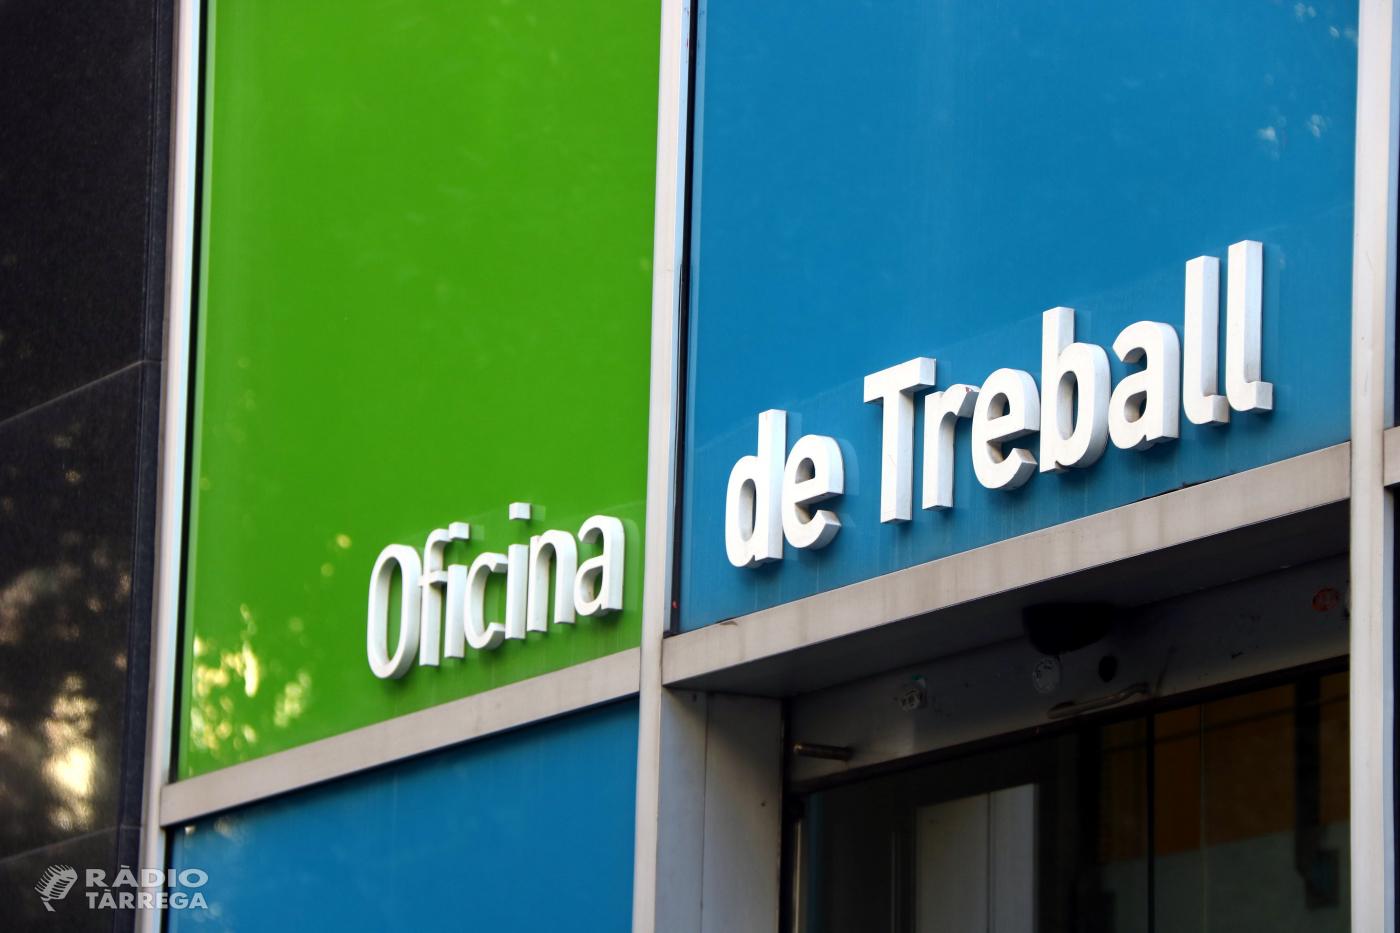 L'atur cau per quart mes consecutiu a la demarcació de Lleida i la xifra de desocupats se situa en 22.598